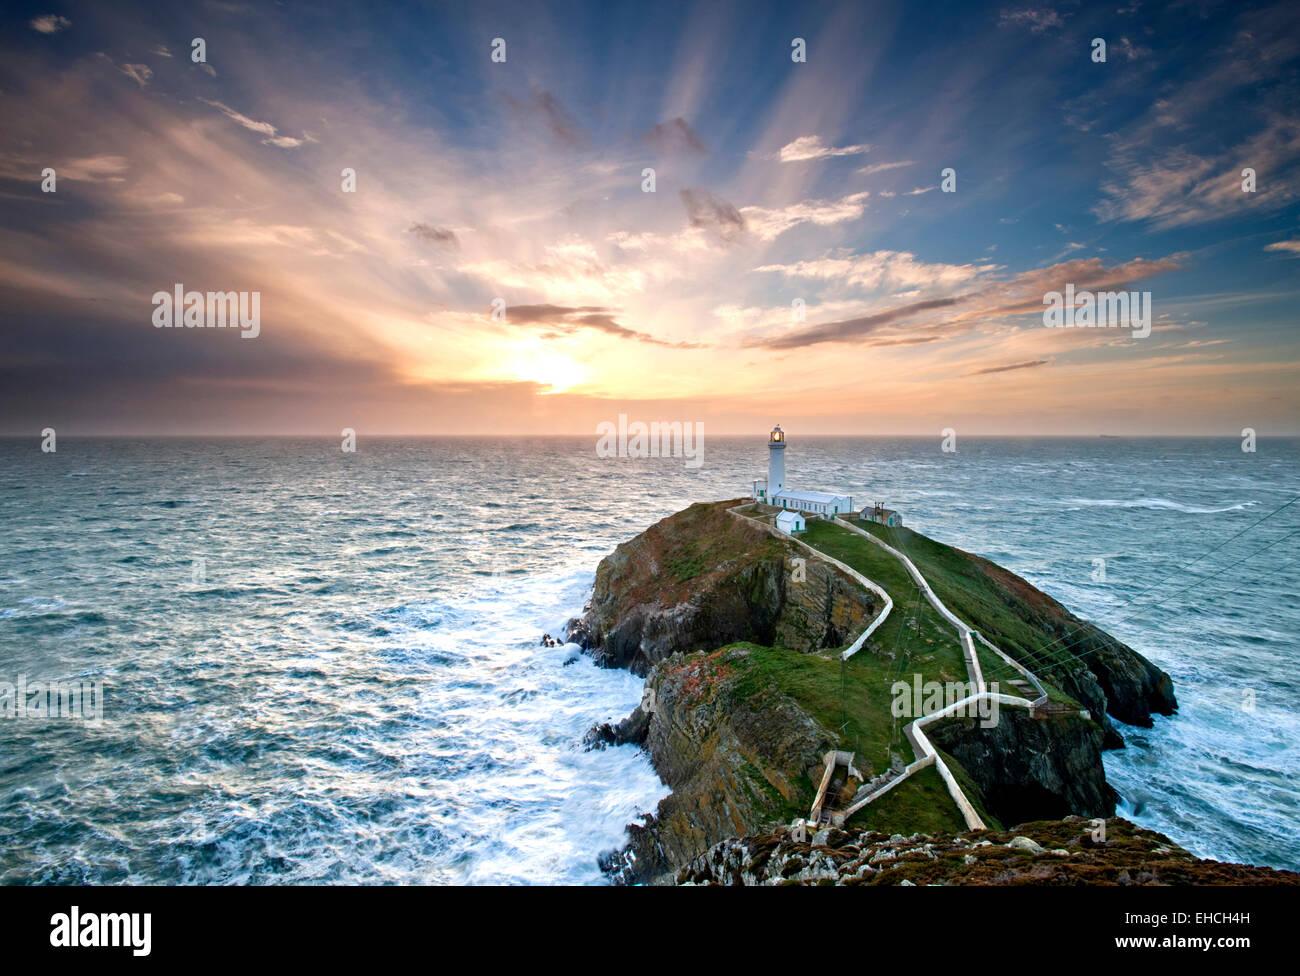 Rayons crépusculaires sur phare de South Stack au coucher du soleil, Anglesey, au nord du Pays de Galles, Royaume Photo Stock